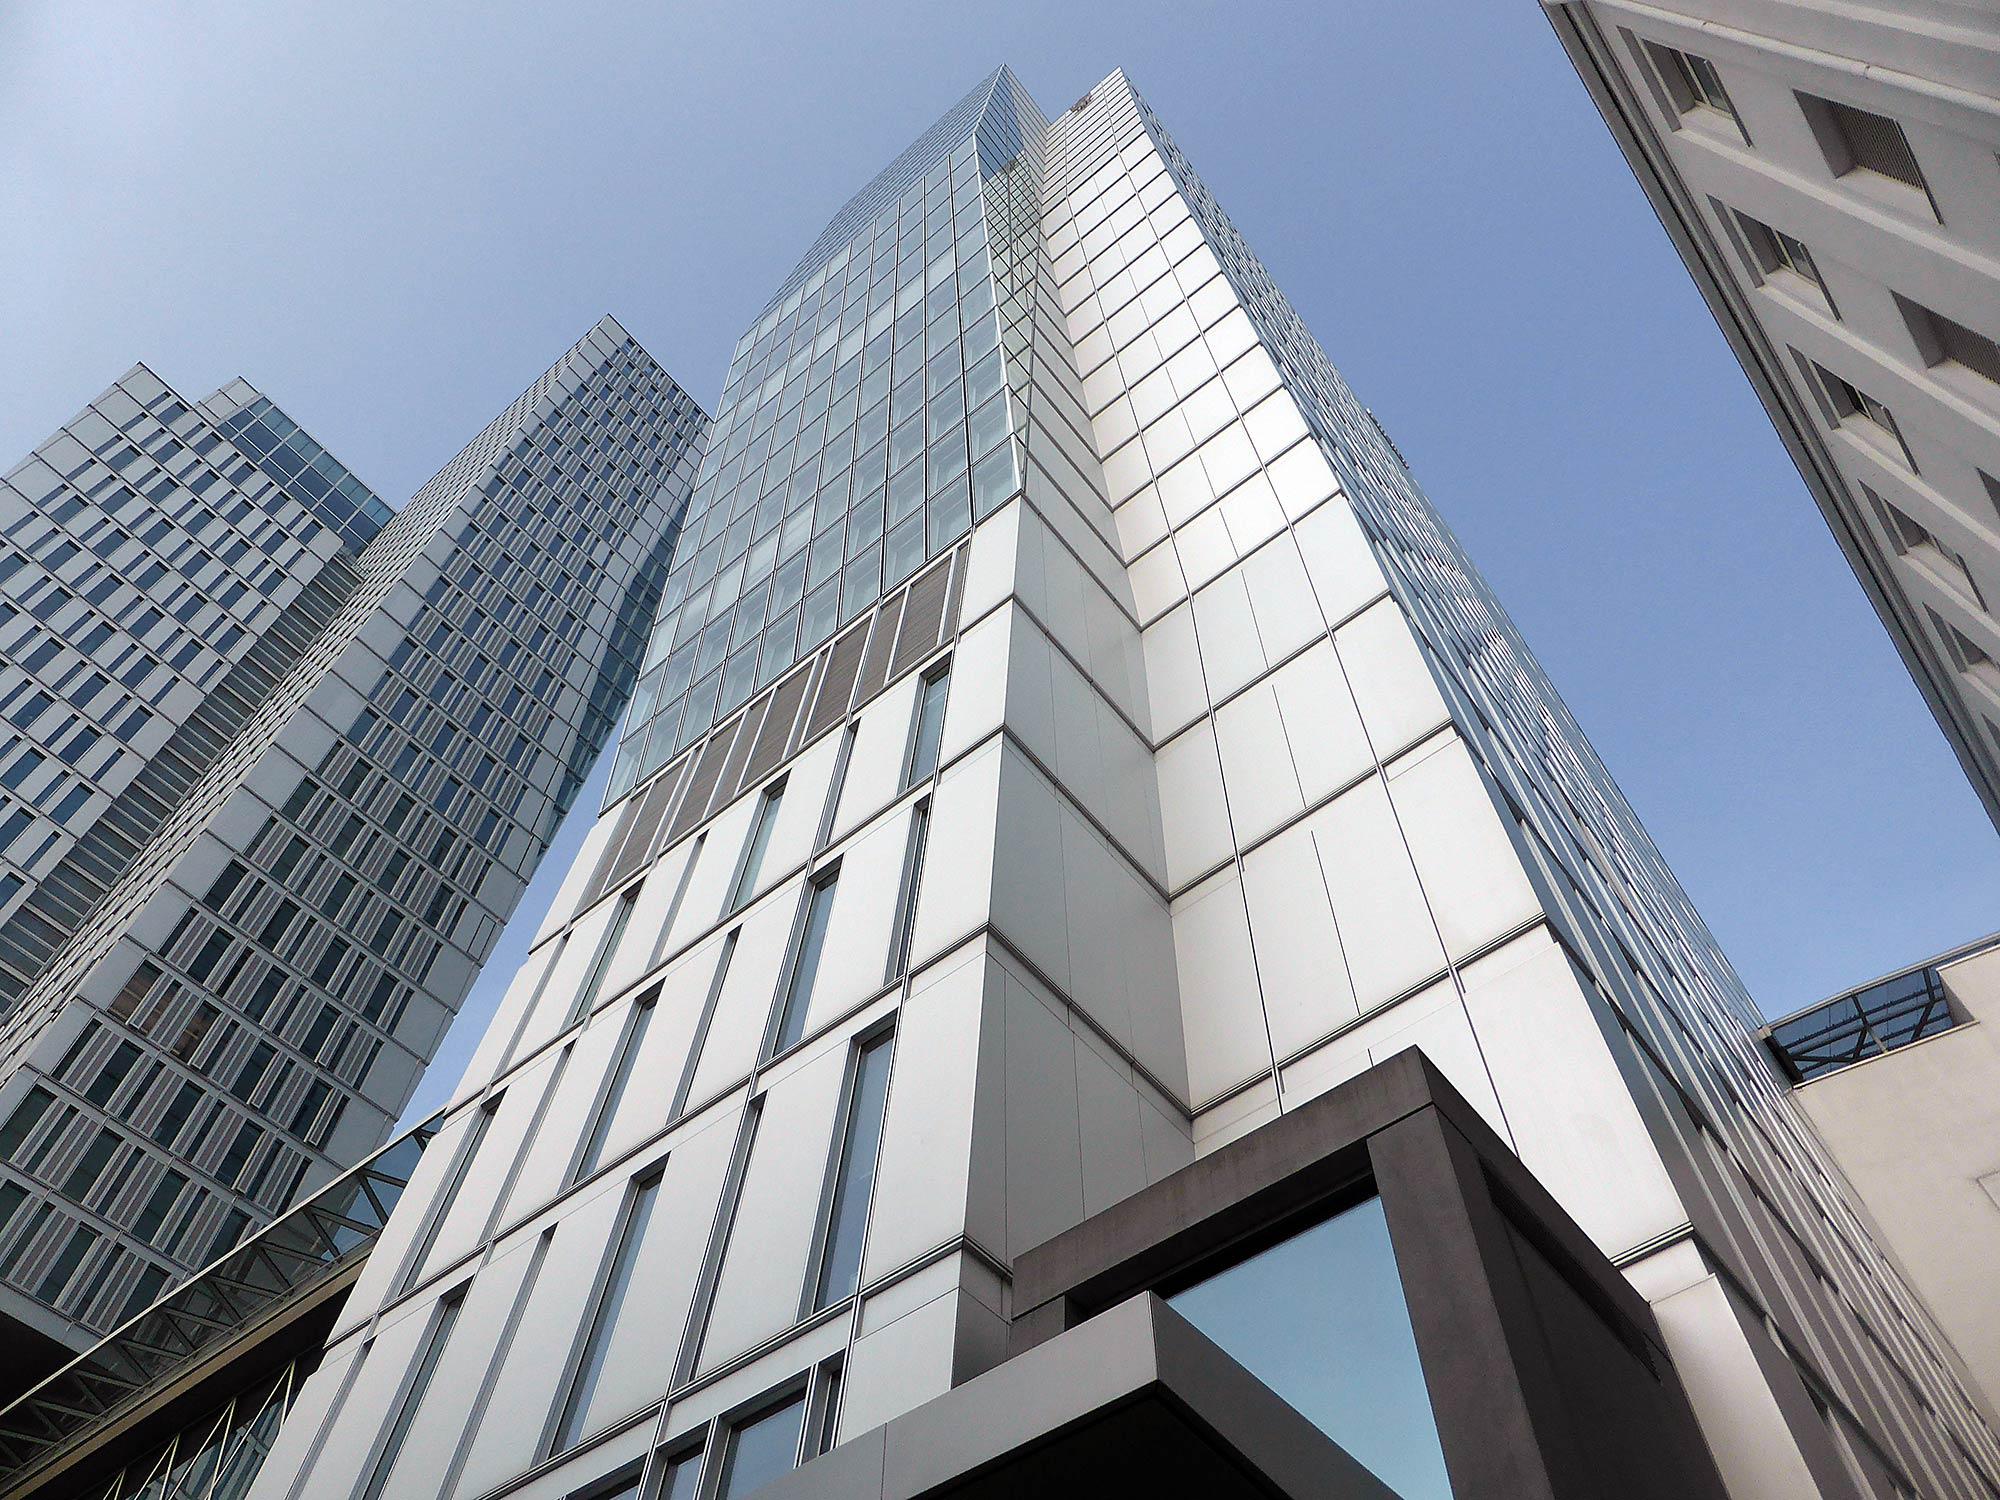 Jumeirah Hotel Frankfurt - Luxushotel mit Skylineblick - Hochhaus Hotel